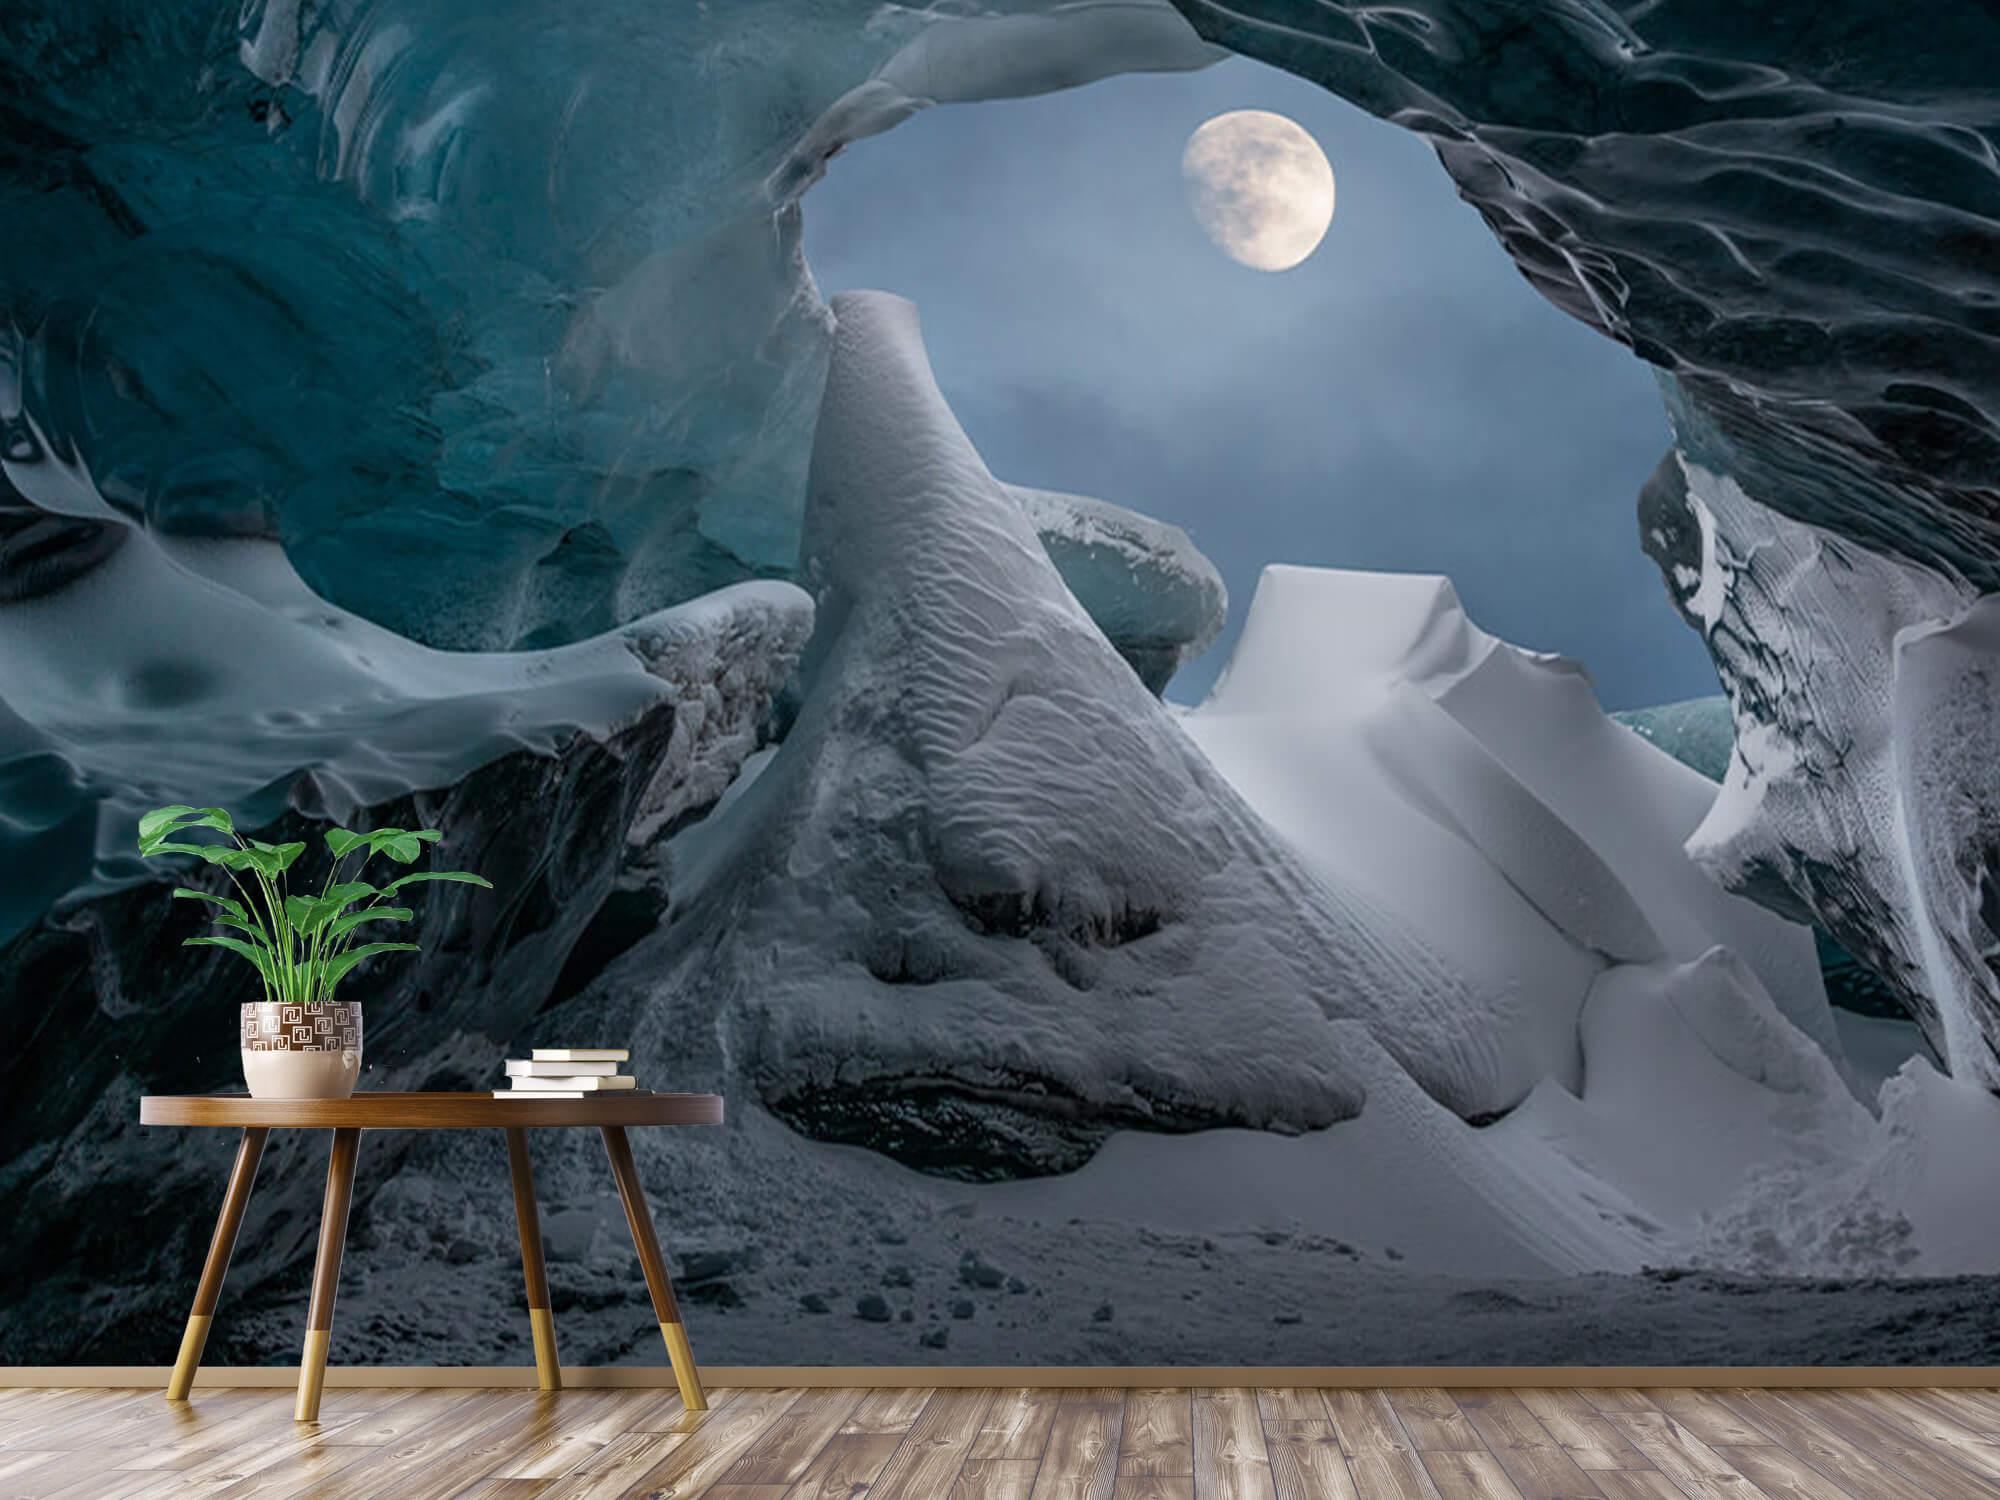 Ice cave 7